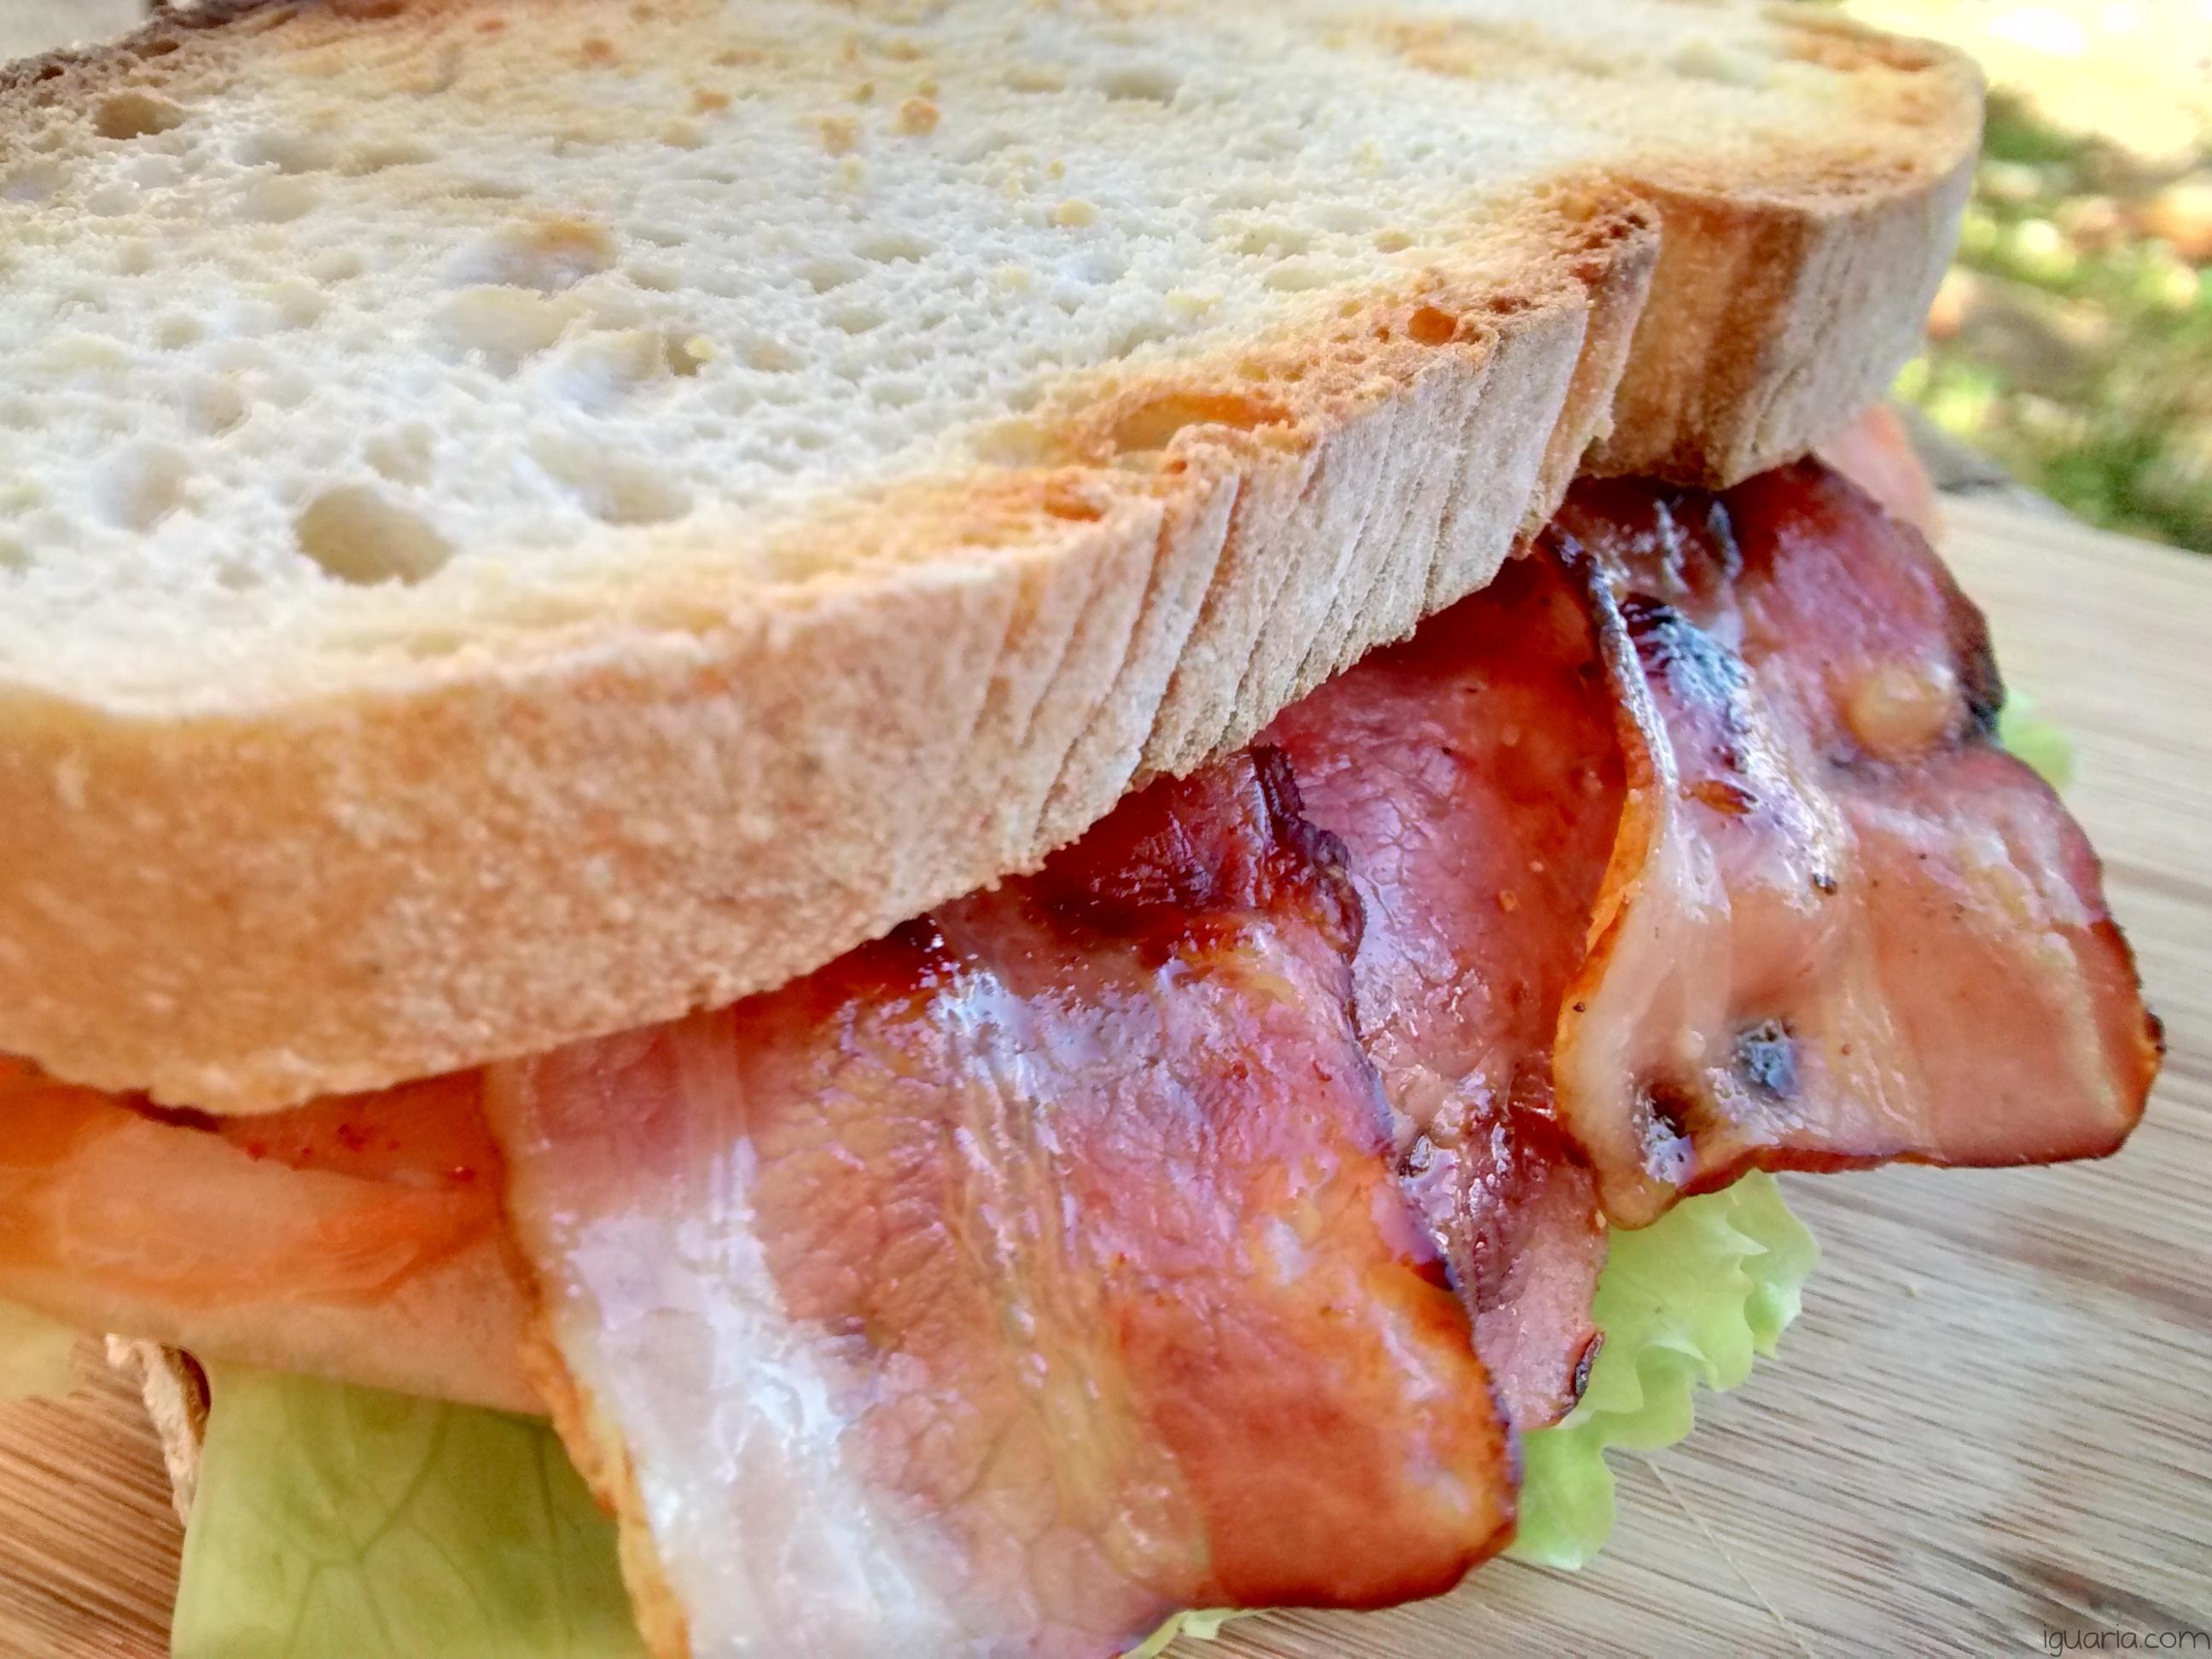 Iguaria_Sandes-de-Bacon-e-Fiambre